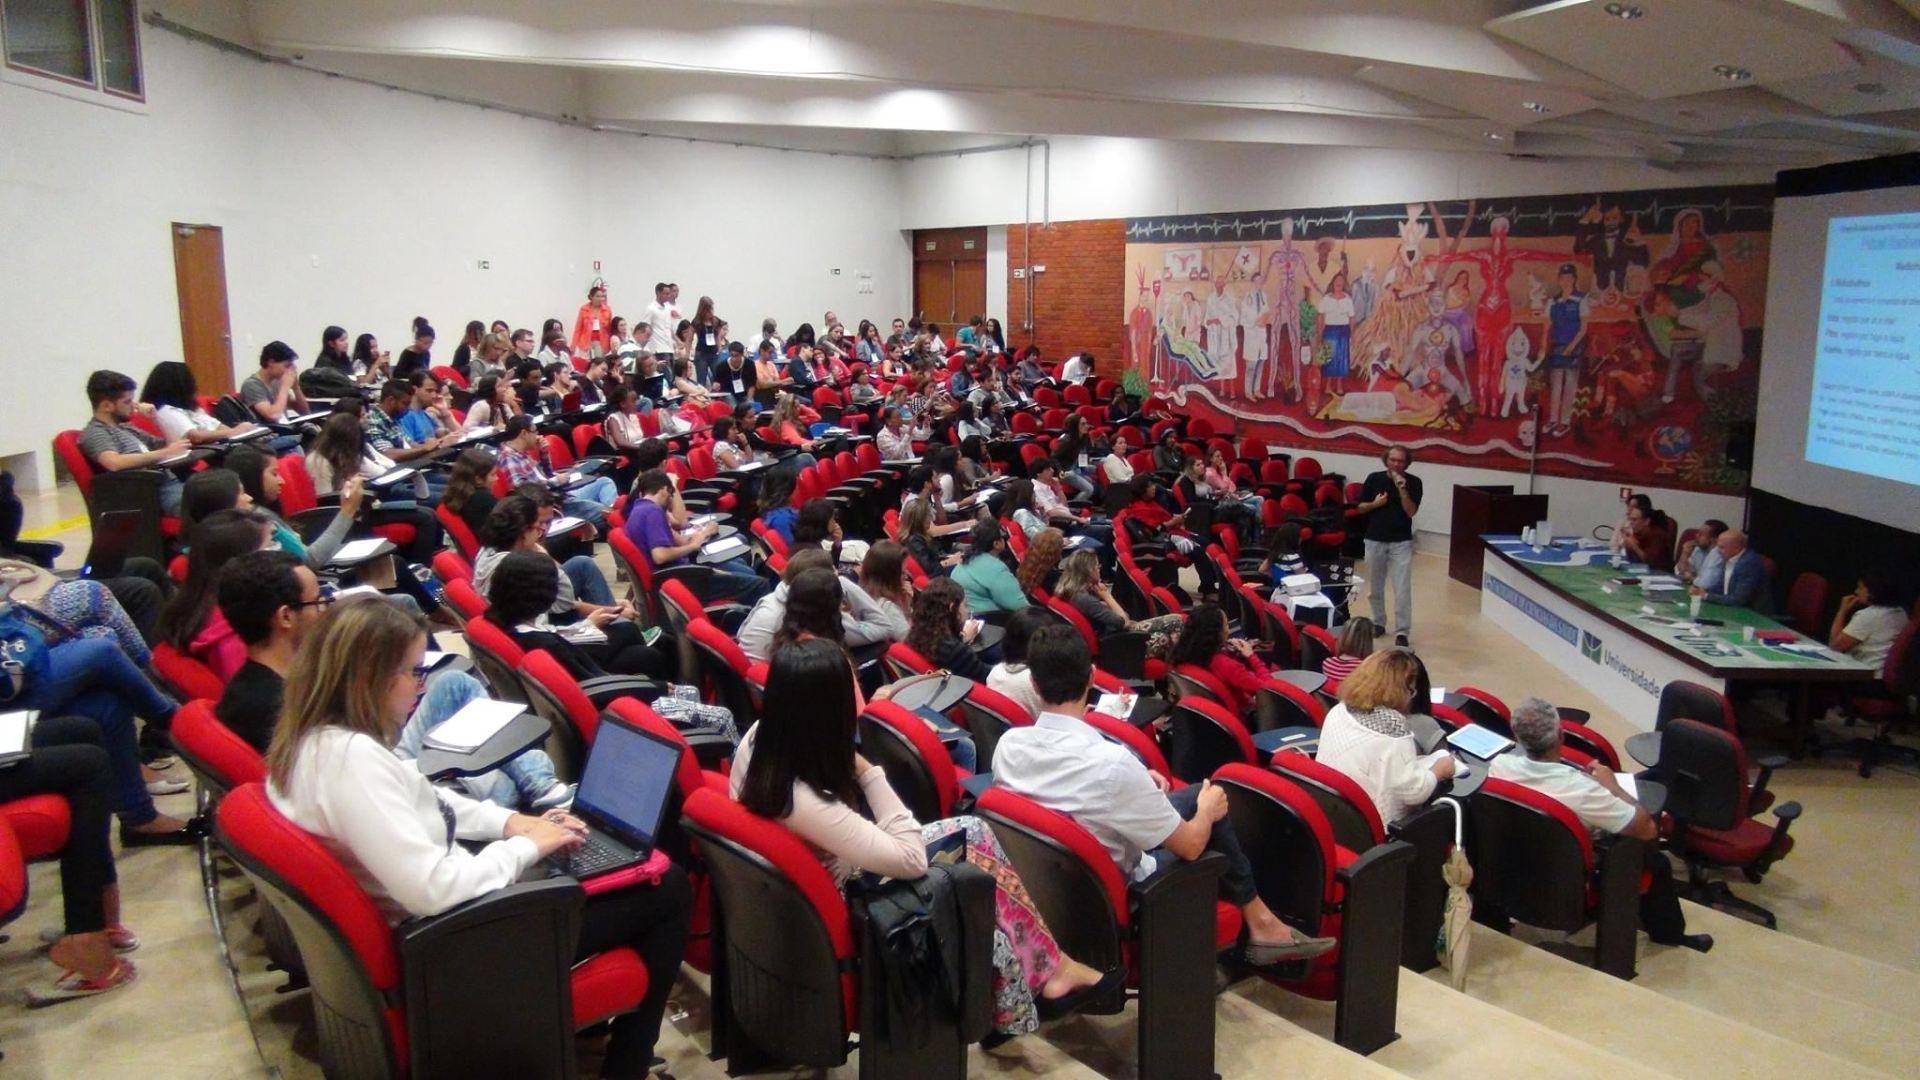 faculdade de saude - unb (2)